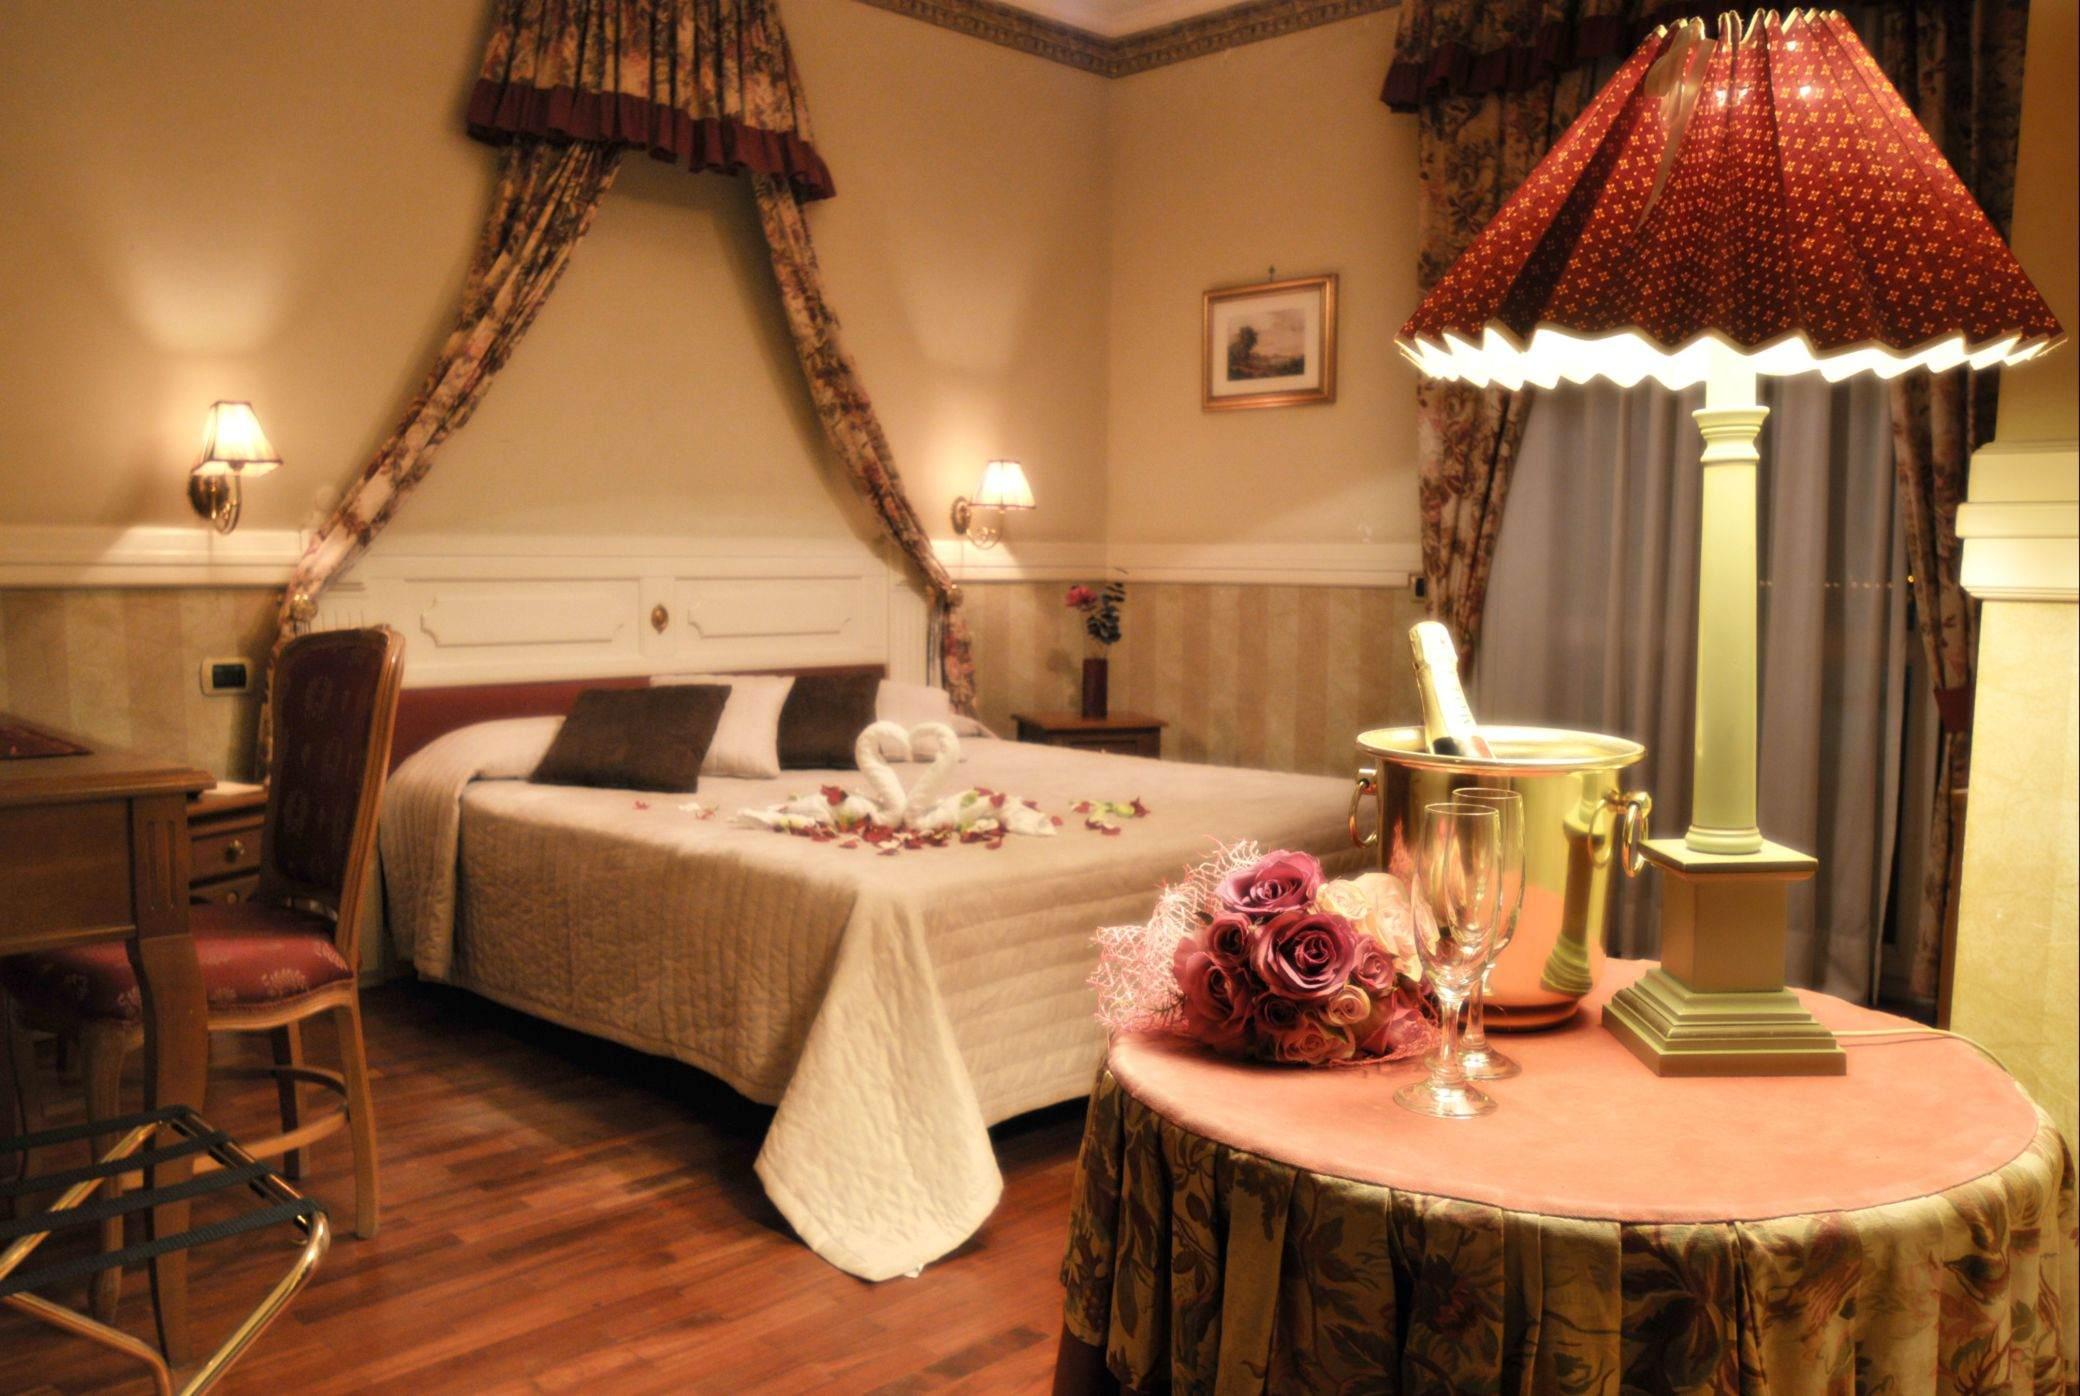 Hôtel romantique Bacoli Naples | Chambres romantiques avec vue ...